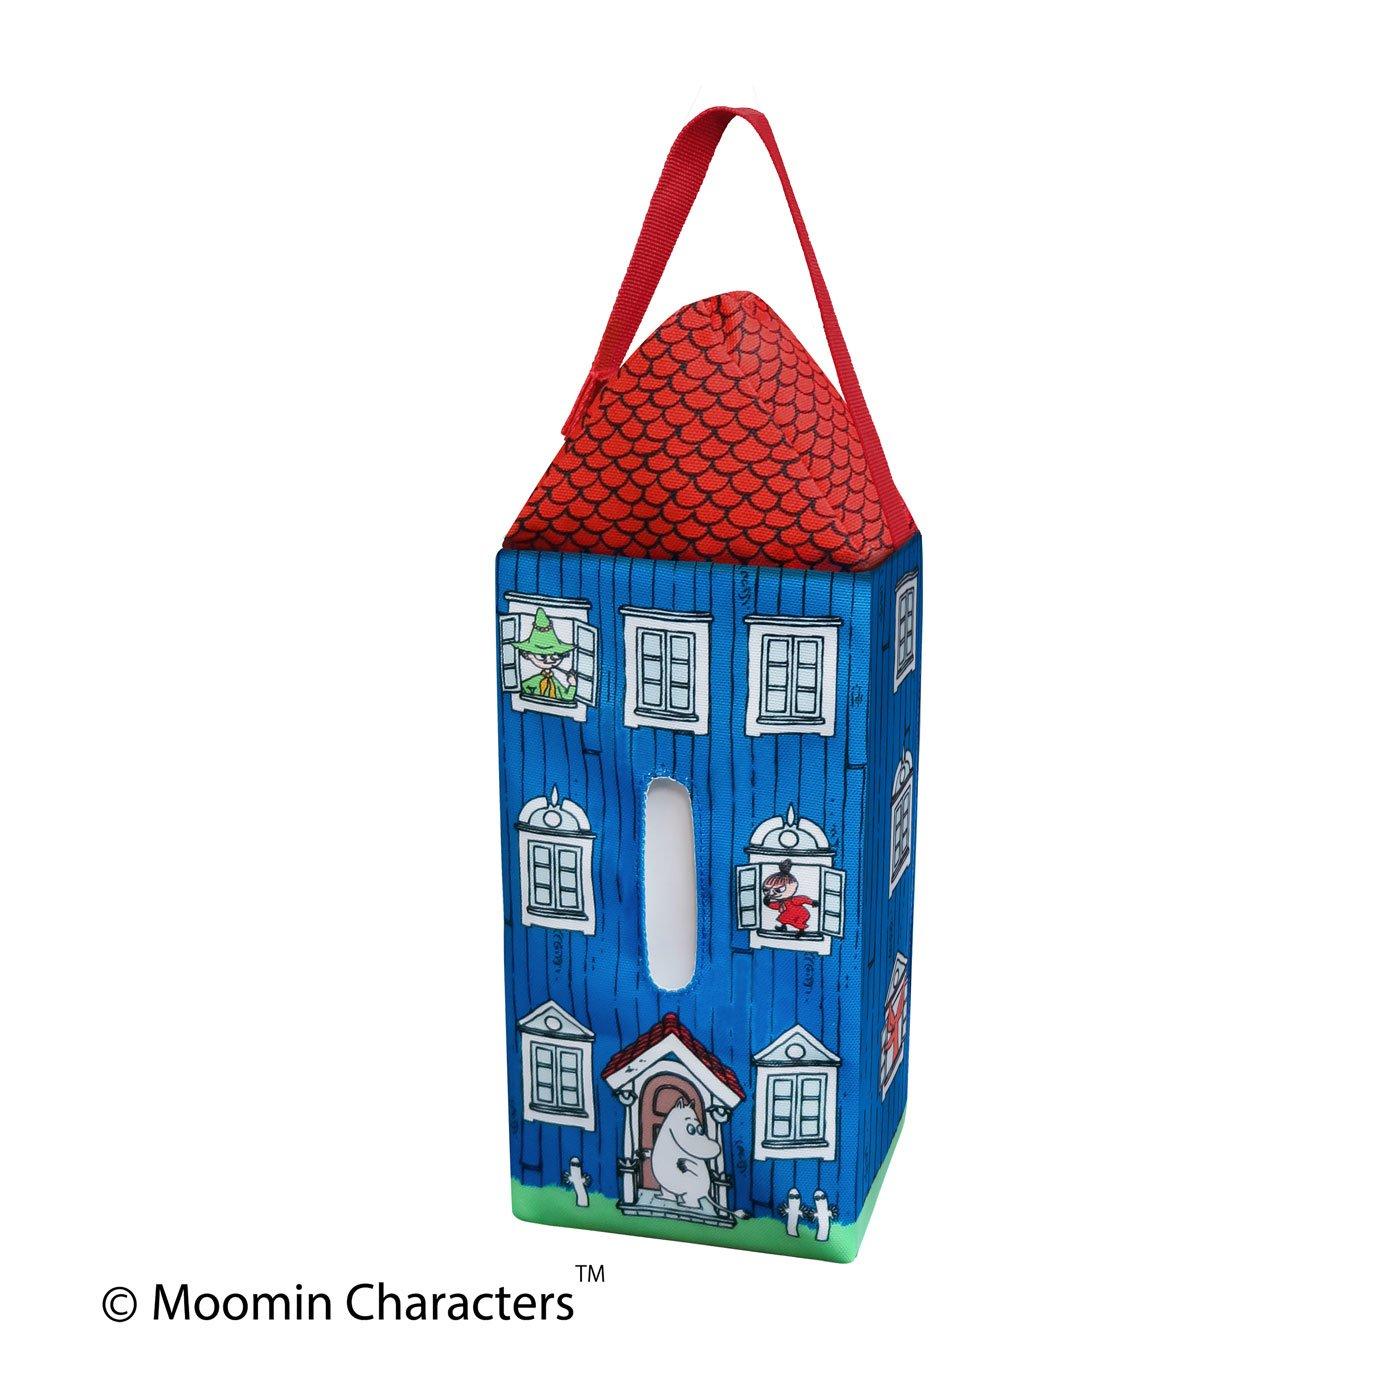 かわいいおうちの形のティッシュケース ムーミンハウス